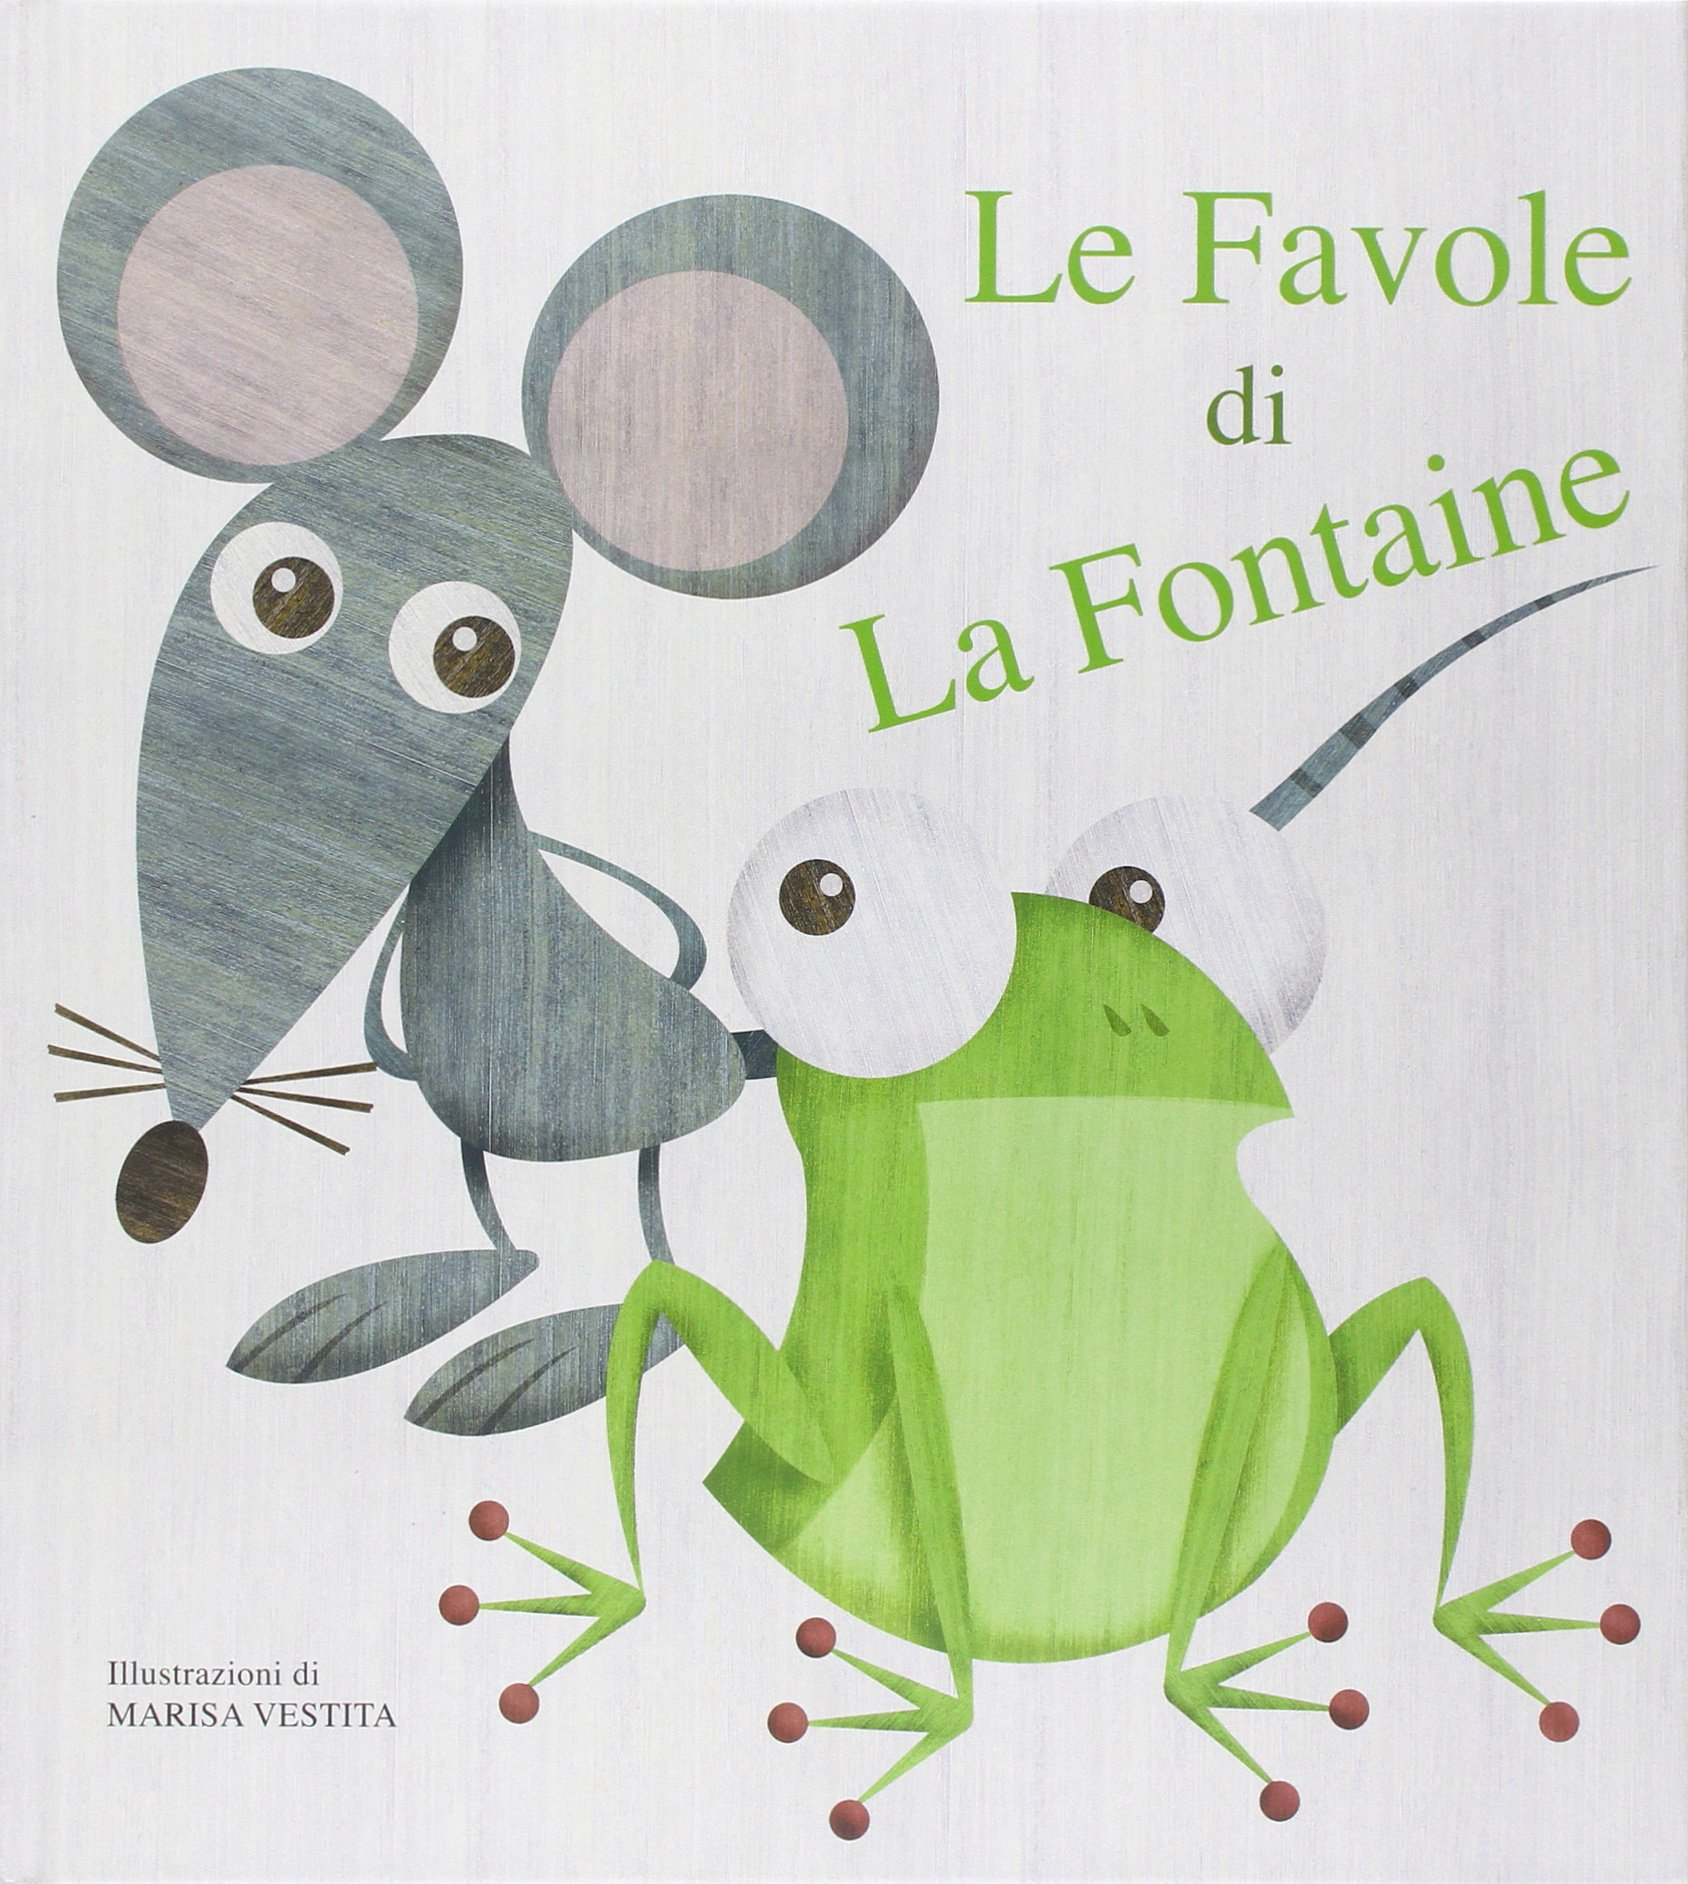 Le favole di La Fontaine